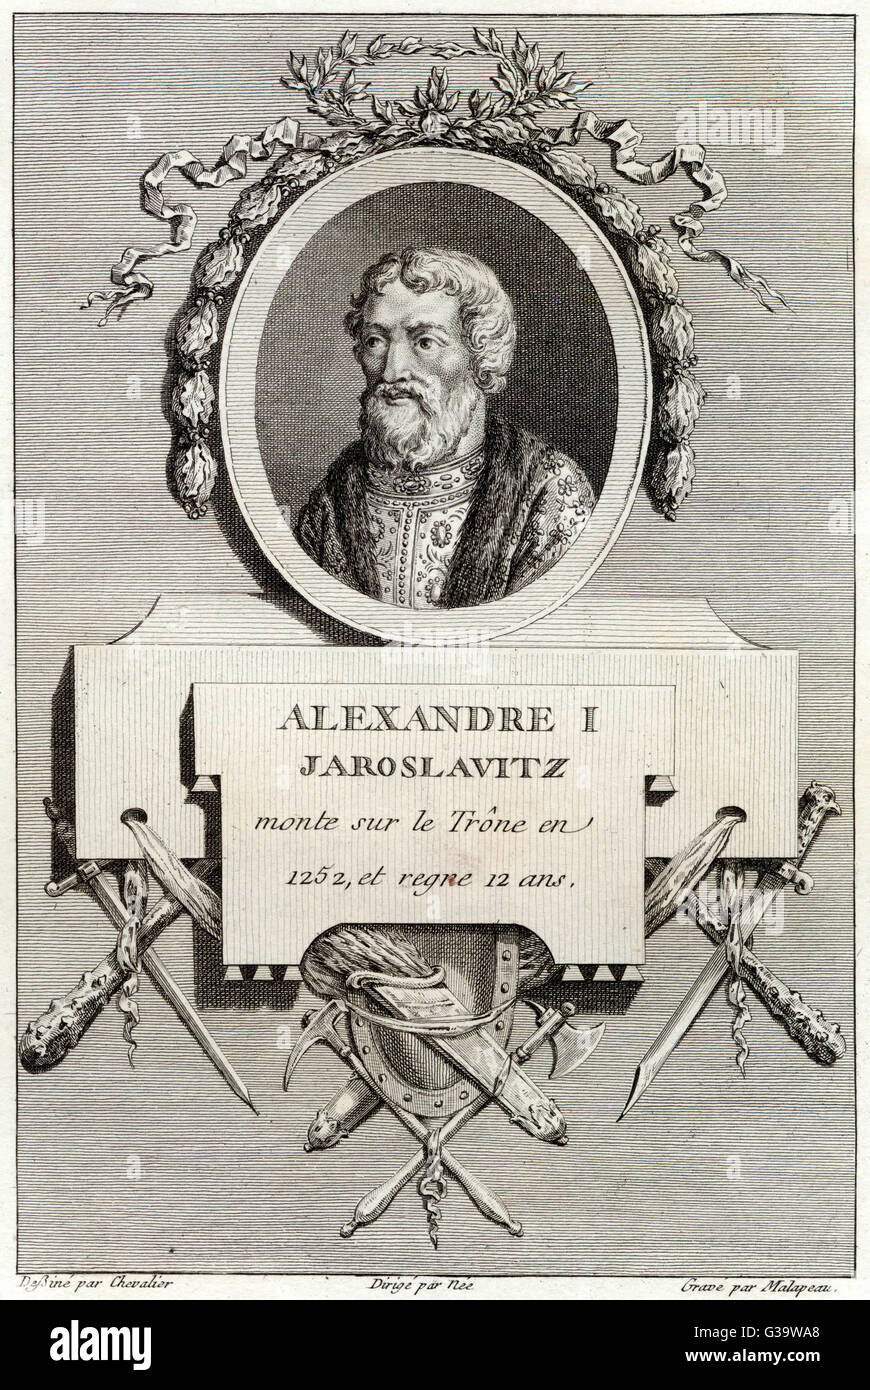 ALEXANDER JE YAROSLAVICH, connu sous le nom de Alexander Nevsky, prince de Novgorod de 1238. prince de Vladimir de 1252: un héros national qui a jeté les bases de la Russie Date: régna 1252-1263 Banque D'Images